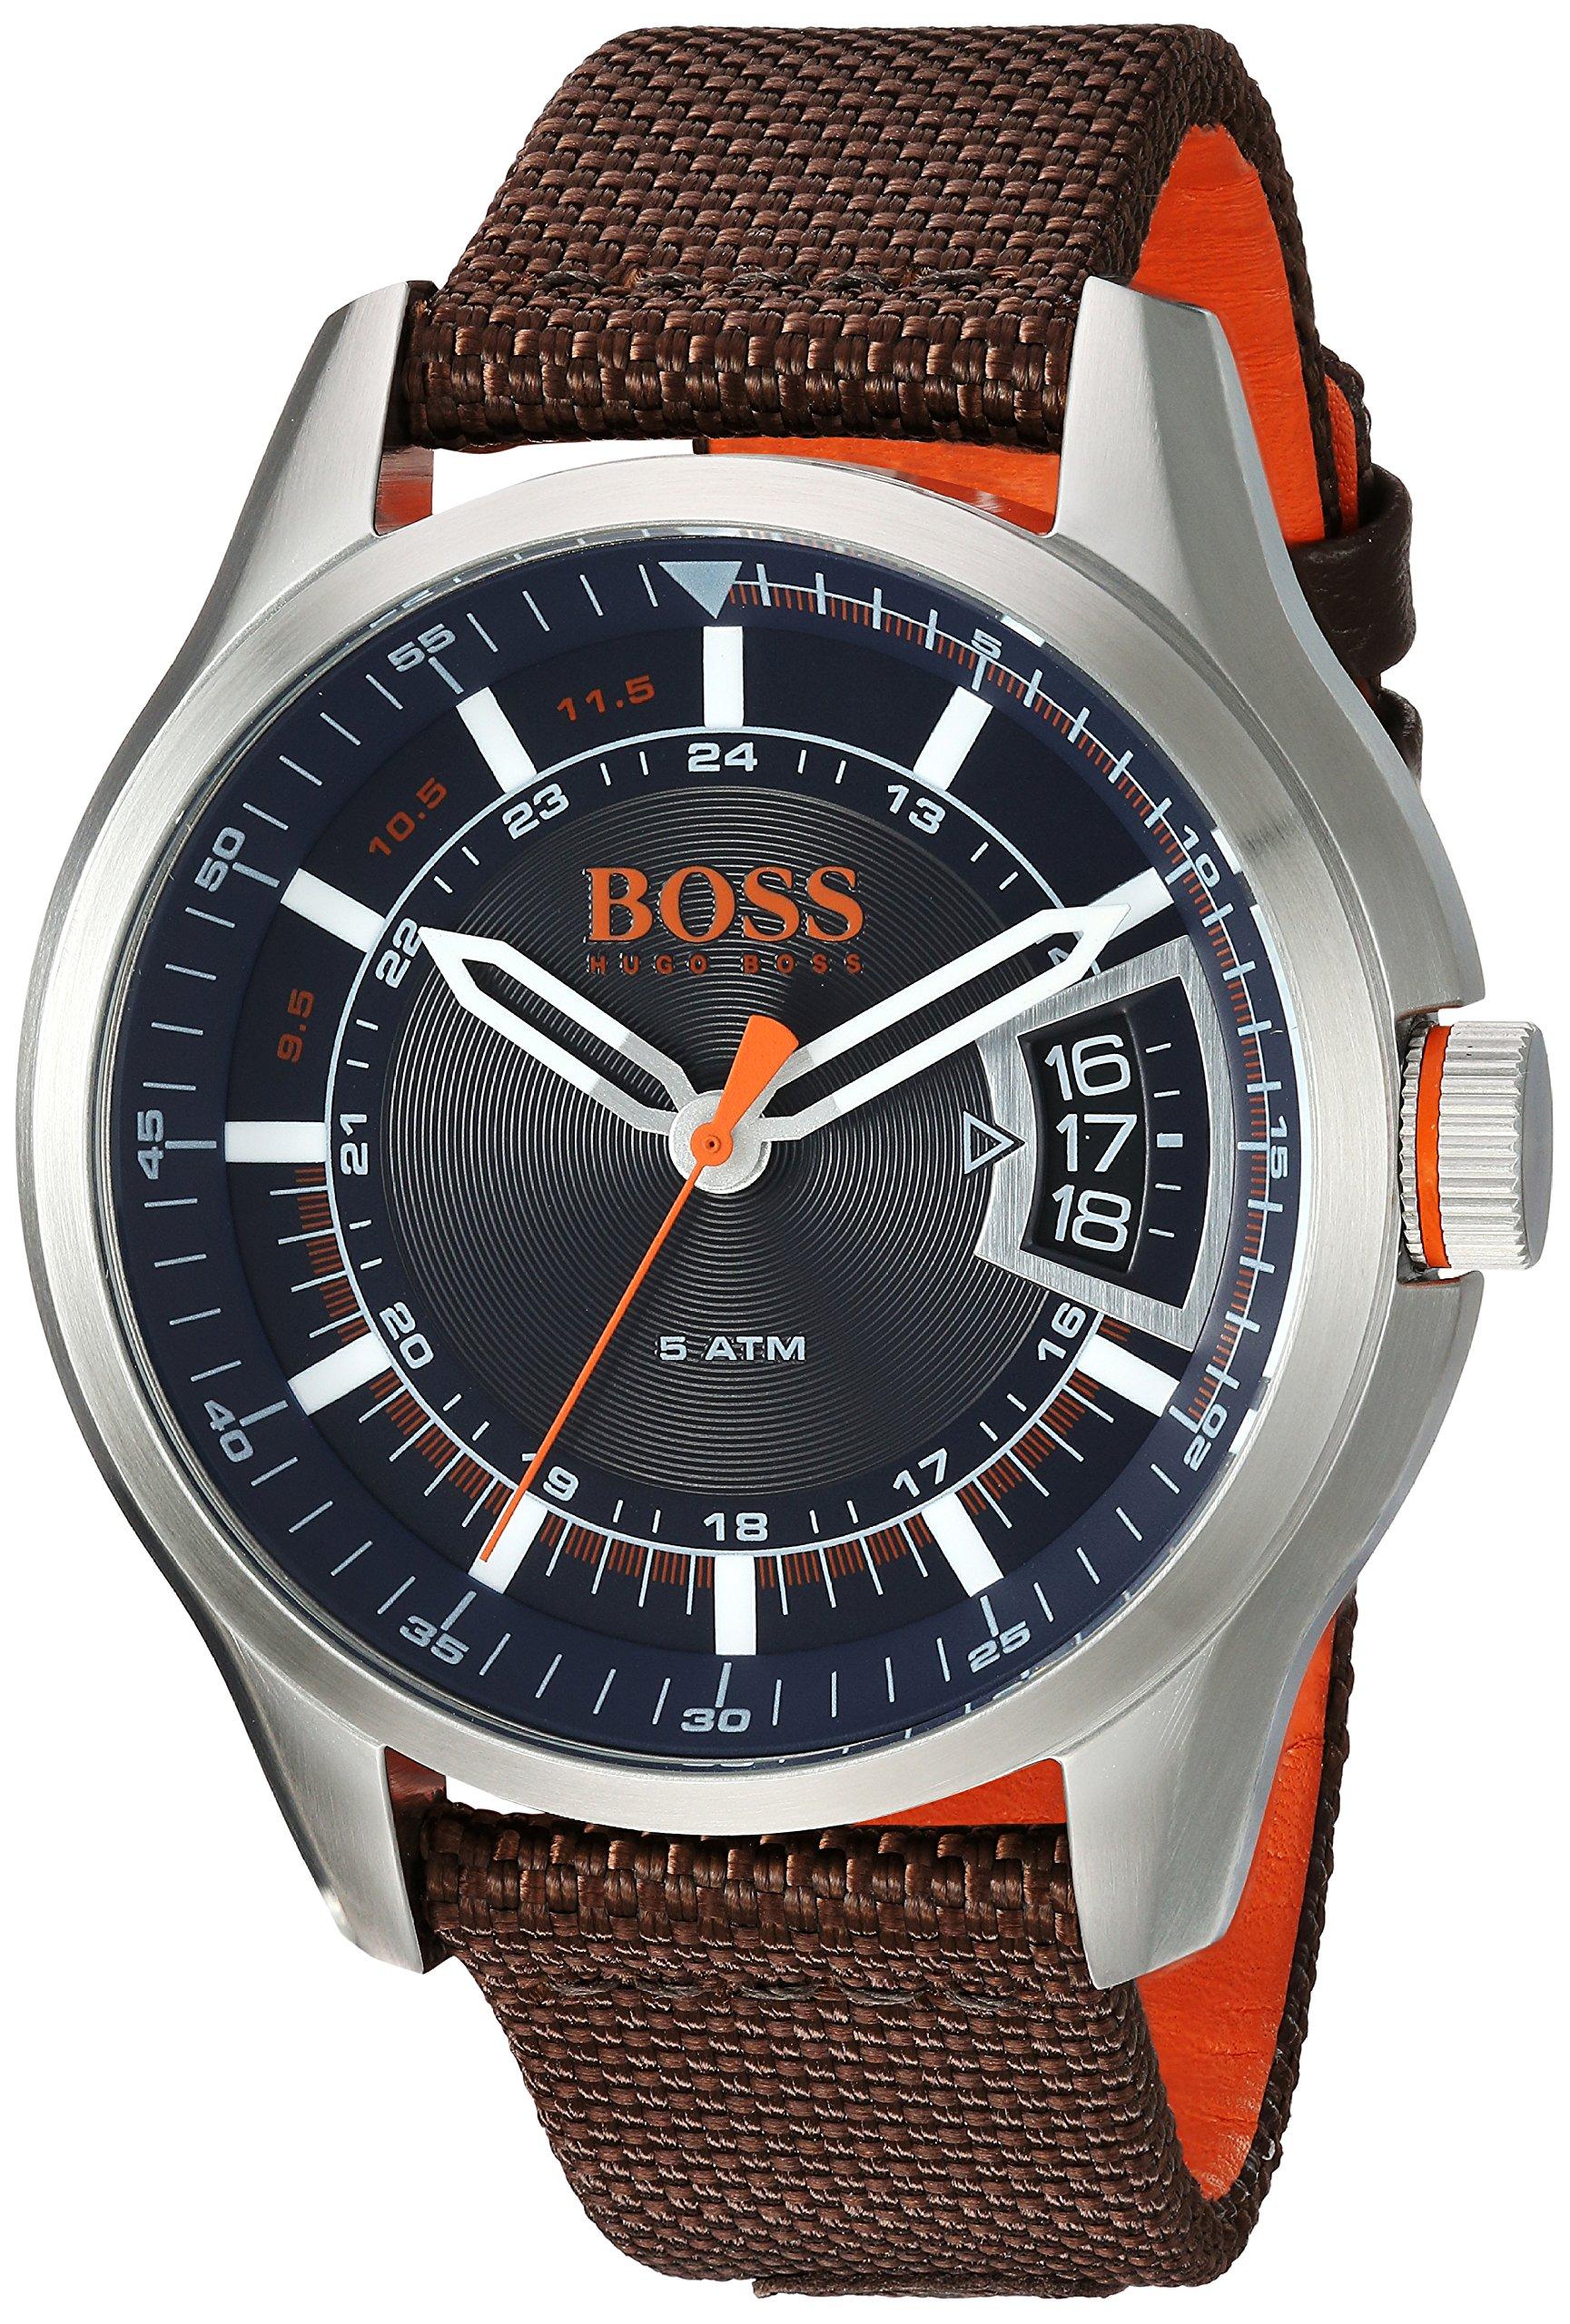 HUGO BOSS Men's Hong Kong Sport Stainless Steel Quartz Watch with Nylon Strap, Brown, 21 (Model: 1550002) by Hugo Boss